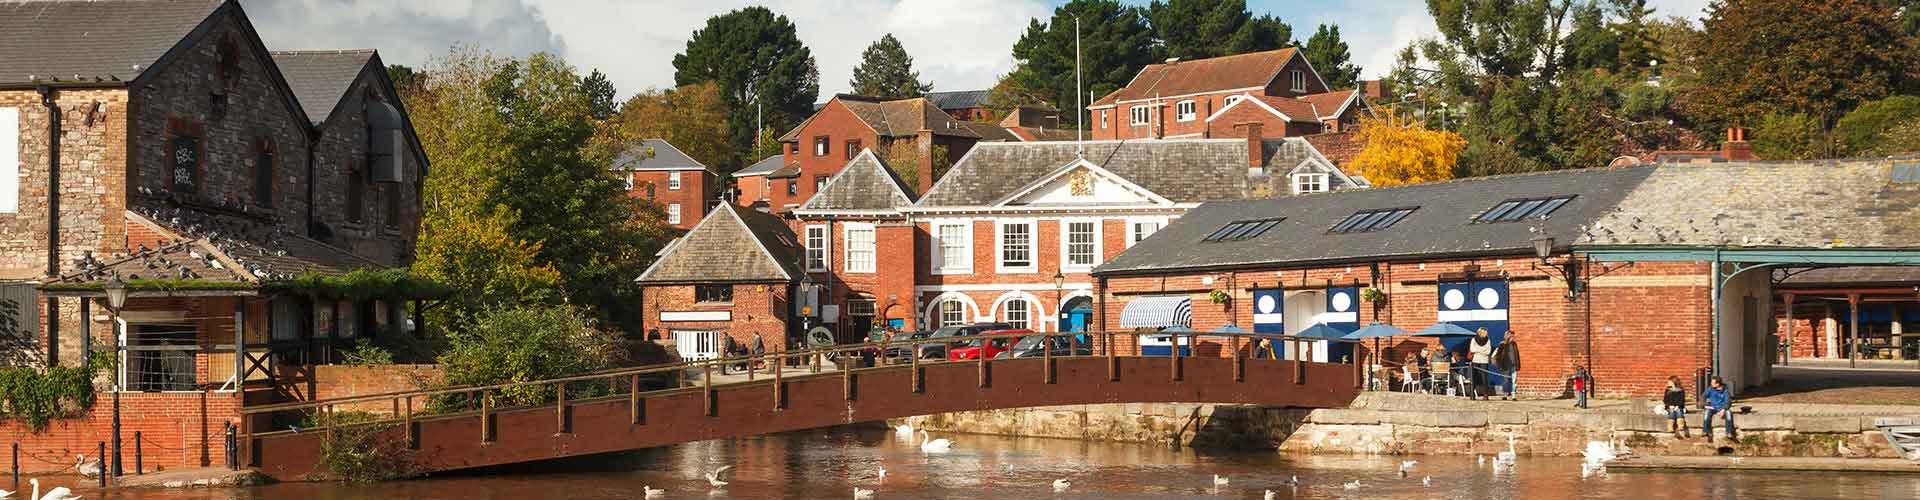 Exeter - Hotele w mieście Exeter, Mapy miasta Exeter, Zdjęcia i Recenzje dla każdego Hotelu w mieście Exeter.